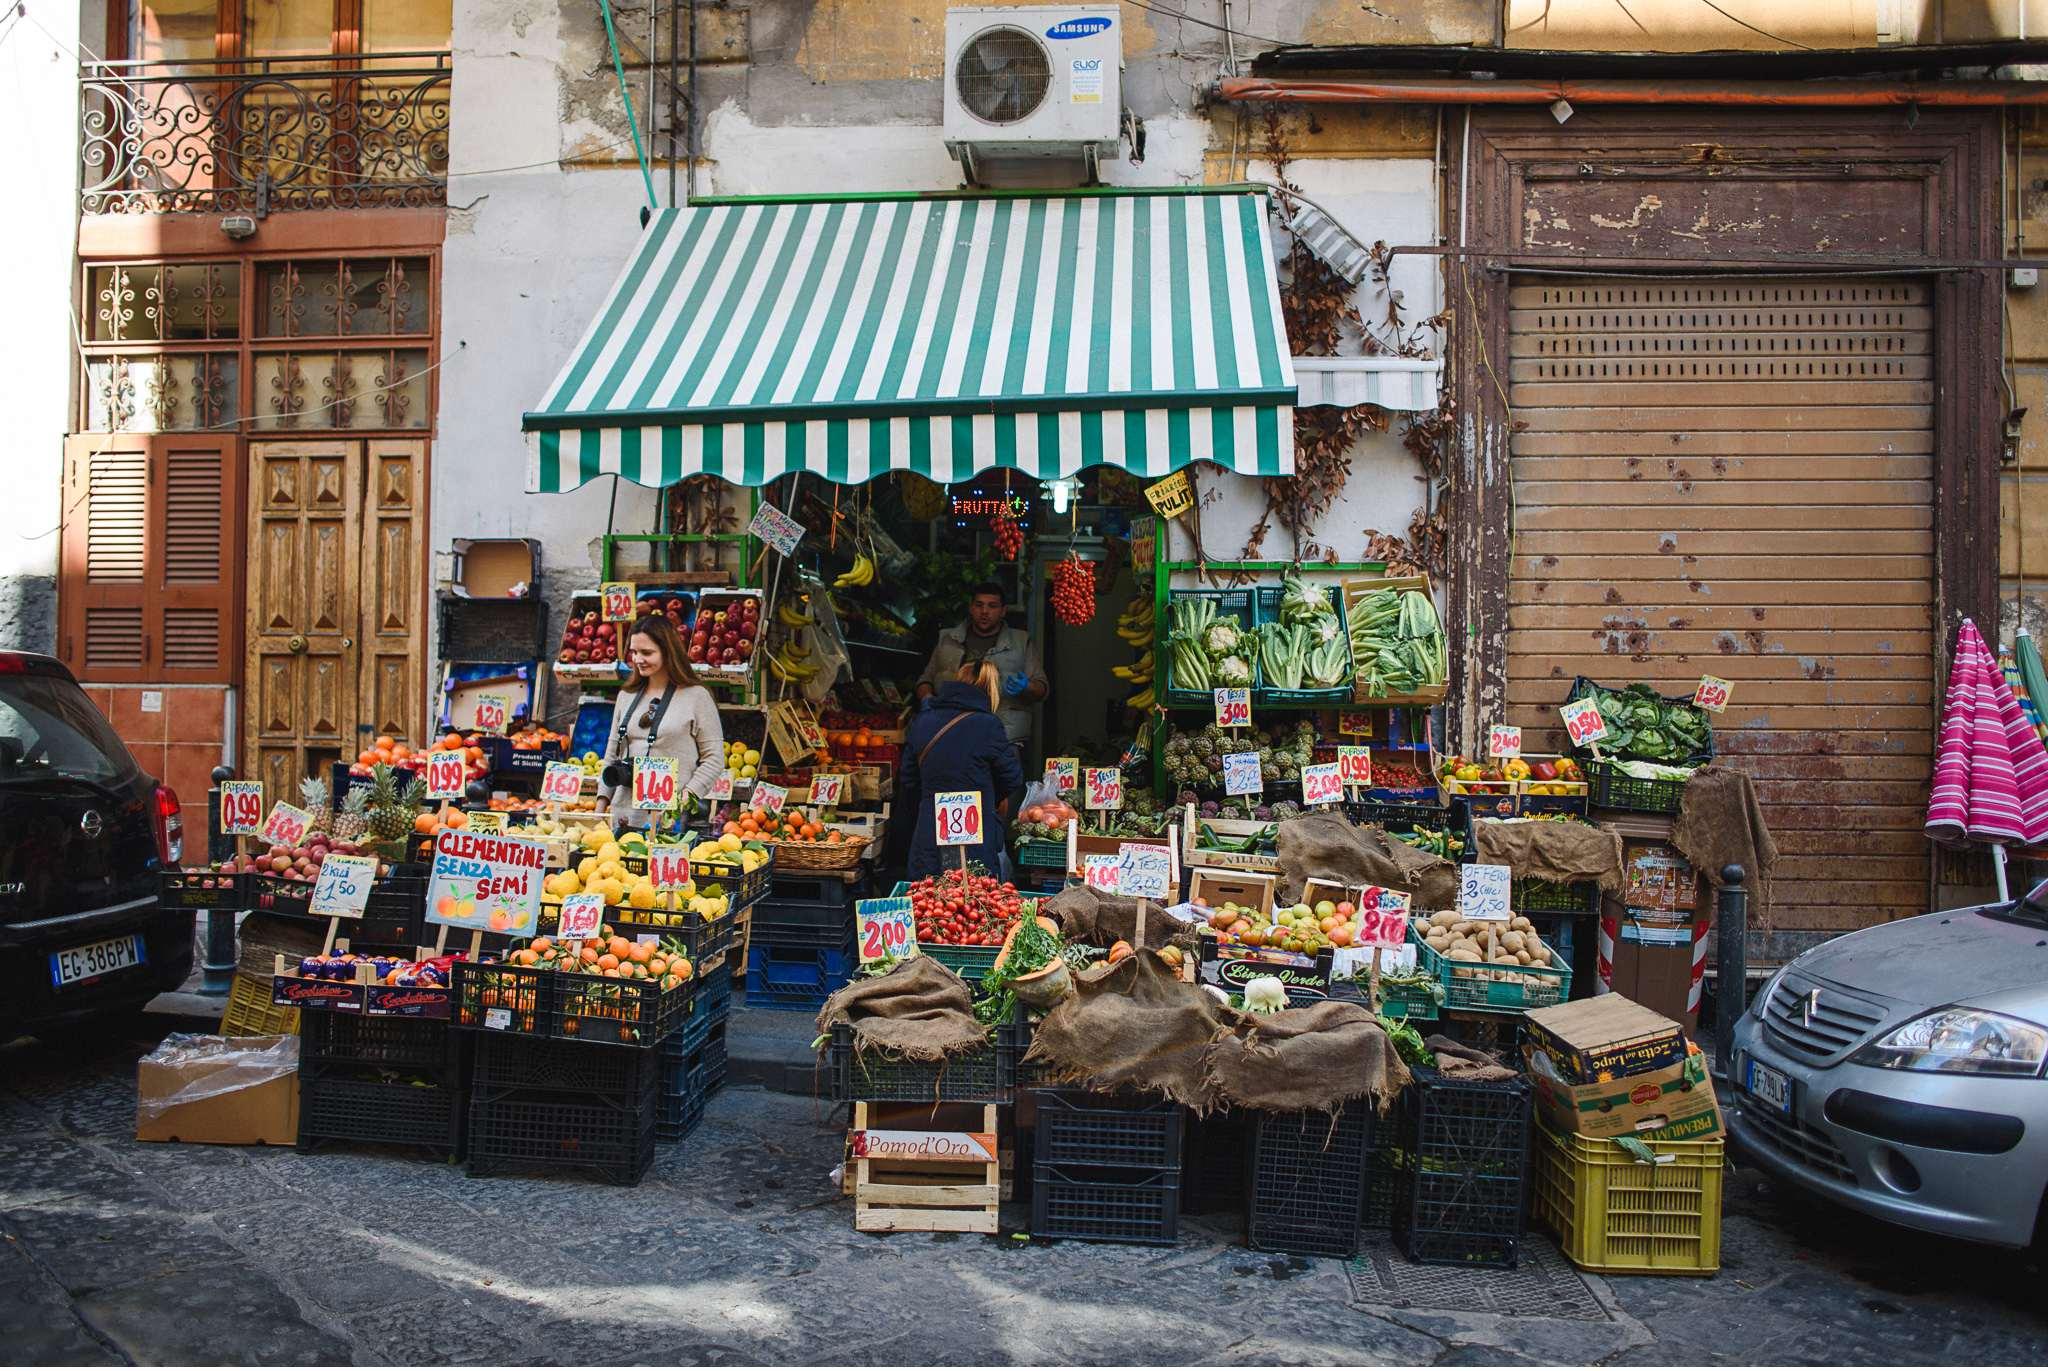 Interrail Reise - Italien Neapel - Geschichten von unterwegs - Foto Daniel Kempf-Seifried-43